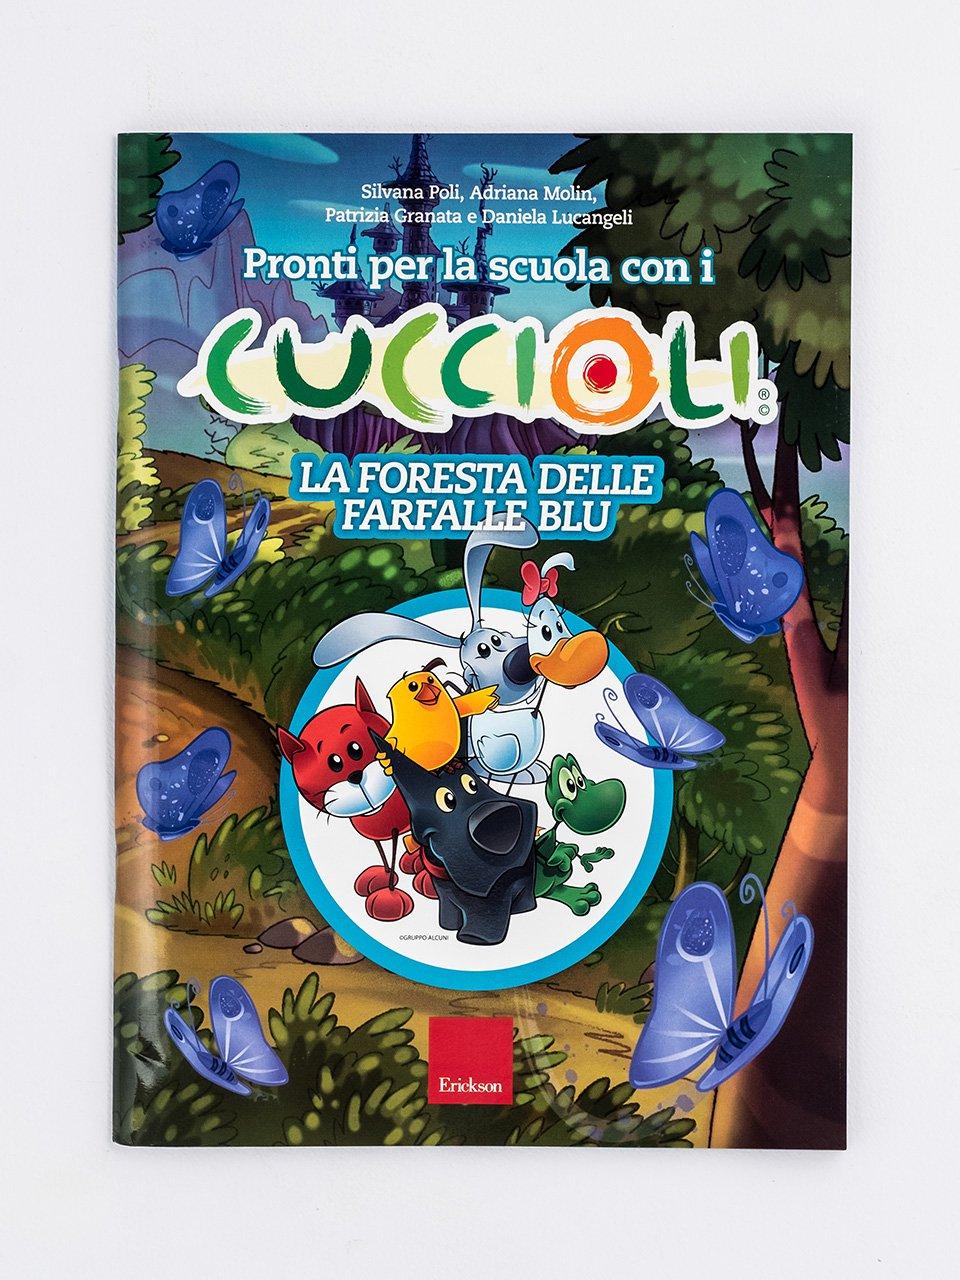 Pronti per la scuola con i CUCCIOLI - La foresta delle farfalle blu - Pico si è perso! - App e software - Erickson